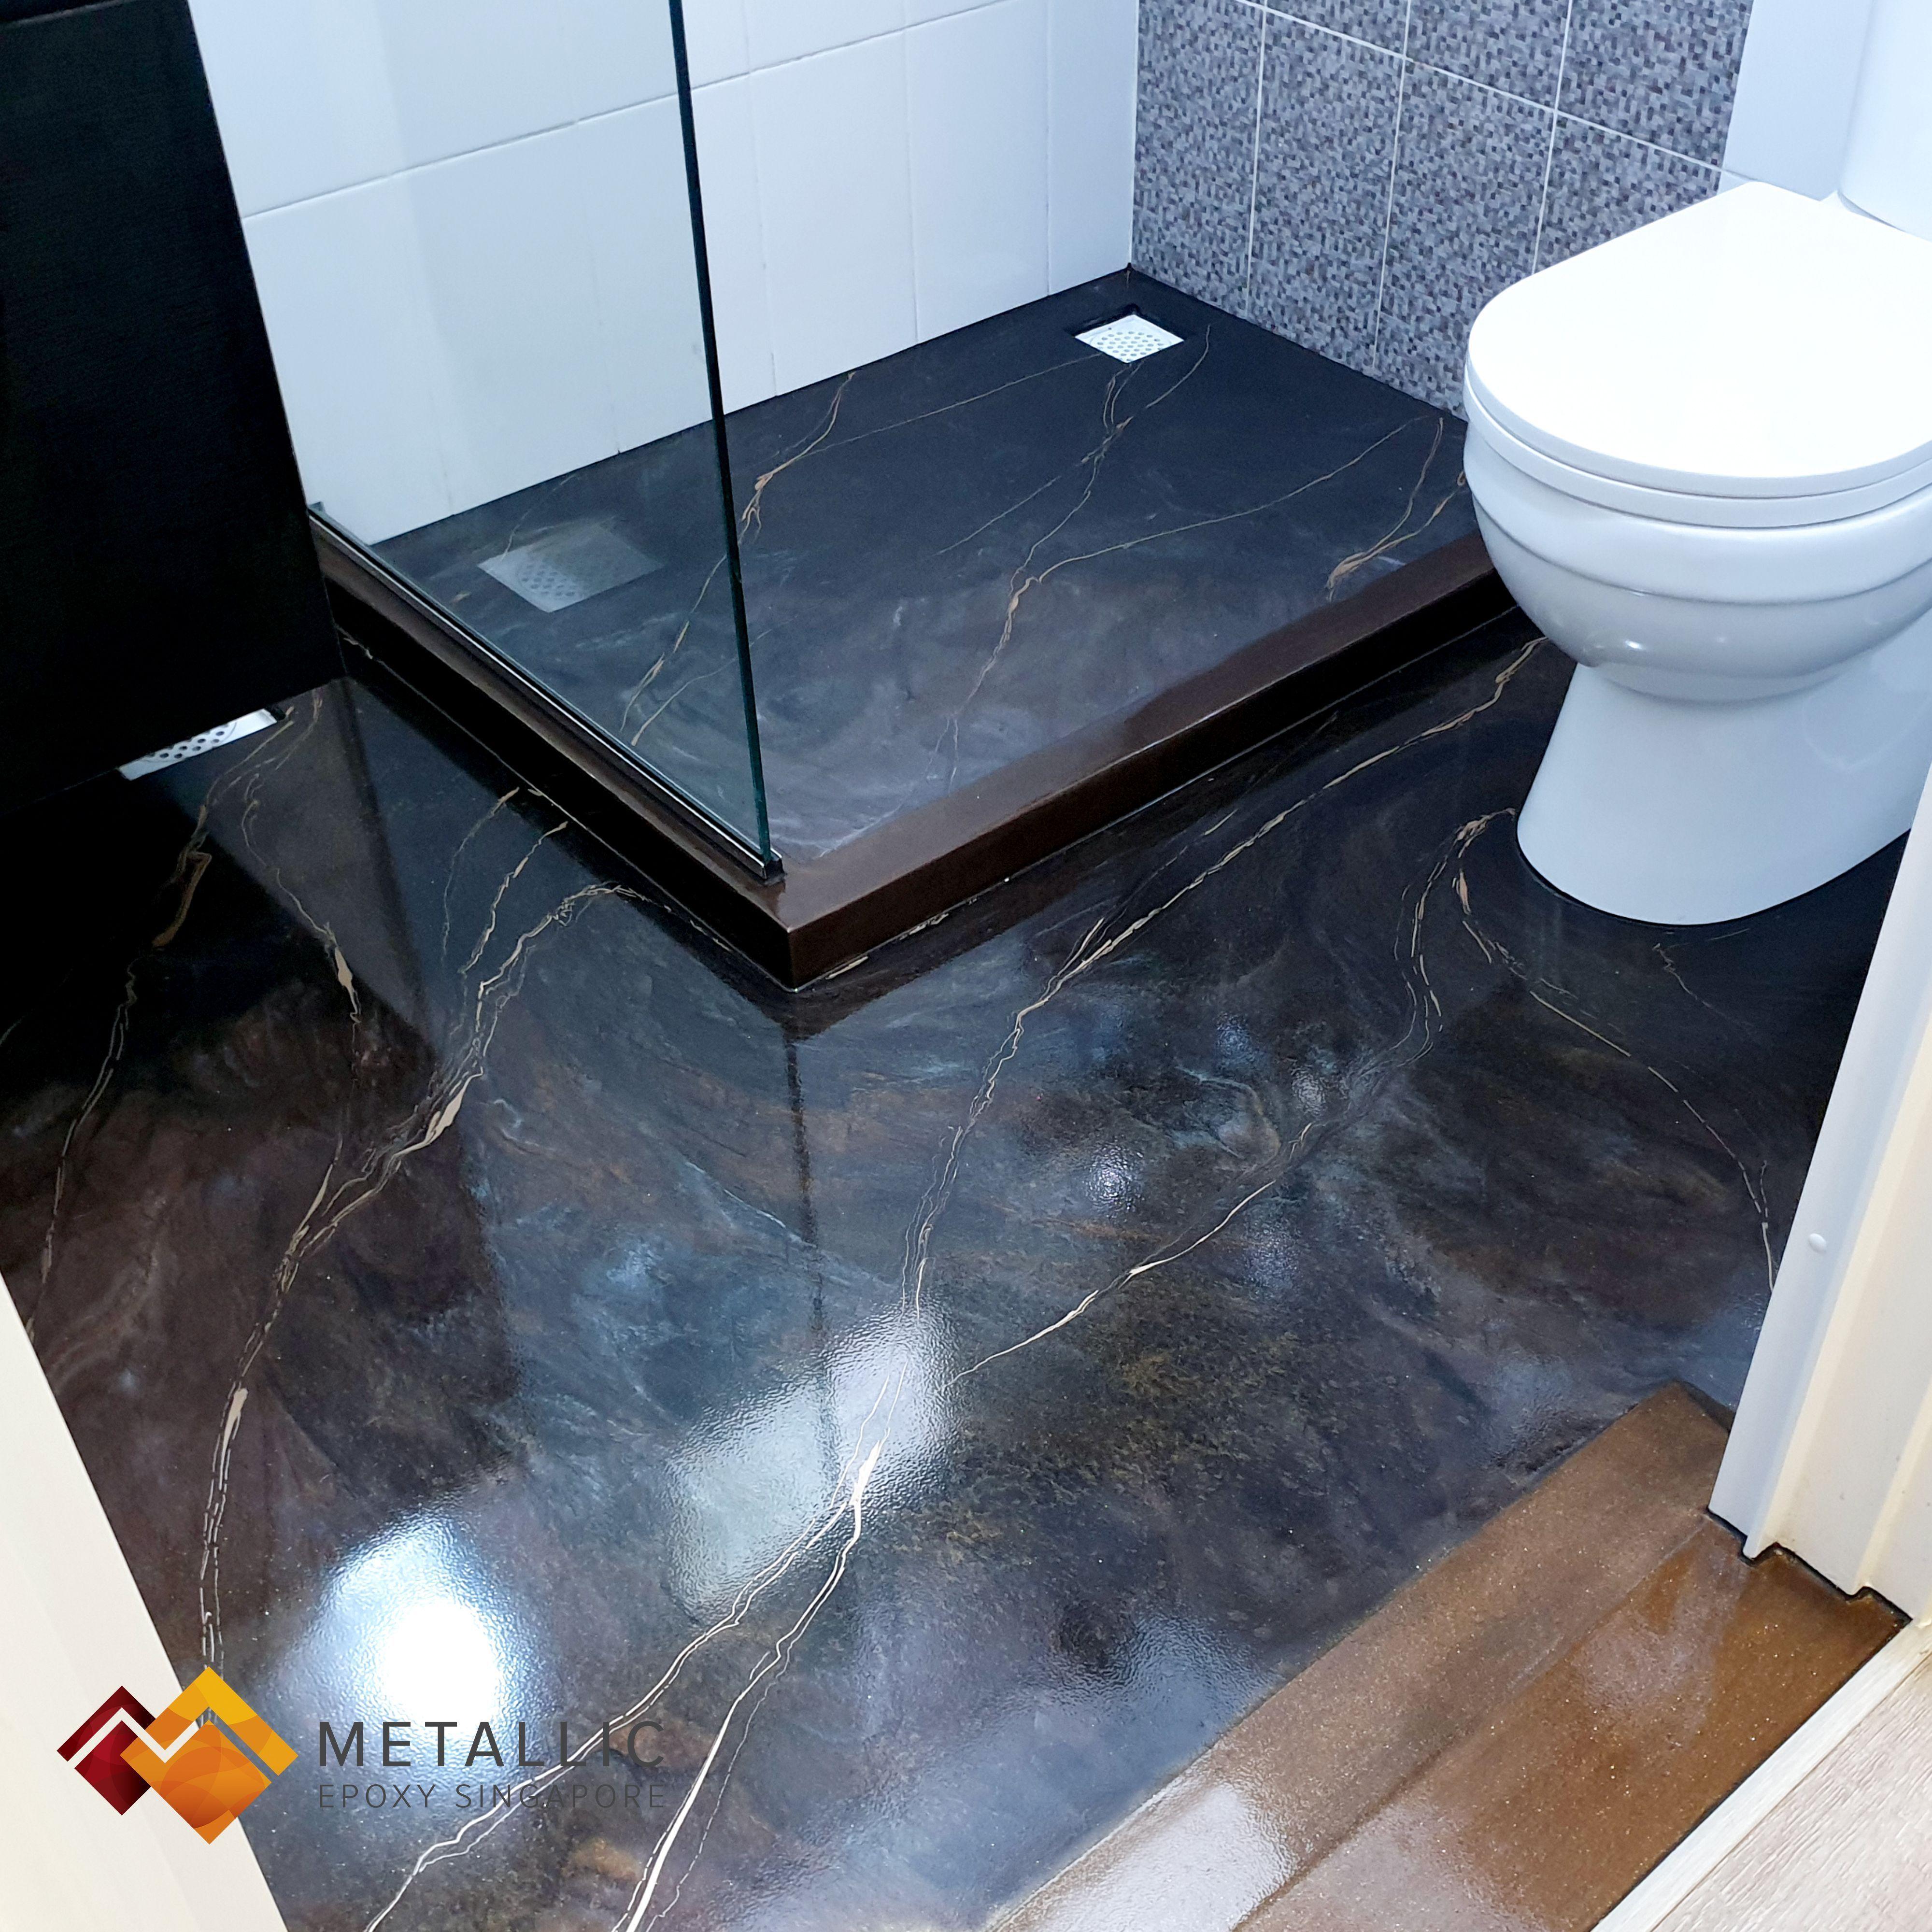 Base Bathroom Bathroom Design Bathroom Design Tool Bathroom Ideas Base Bathroom Design Ide In 2020 Bathroom Flooring Marble Bathroom Floor Bathroom Design Tool